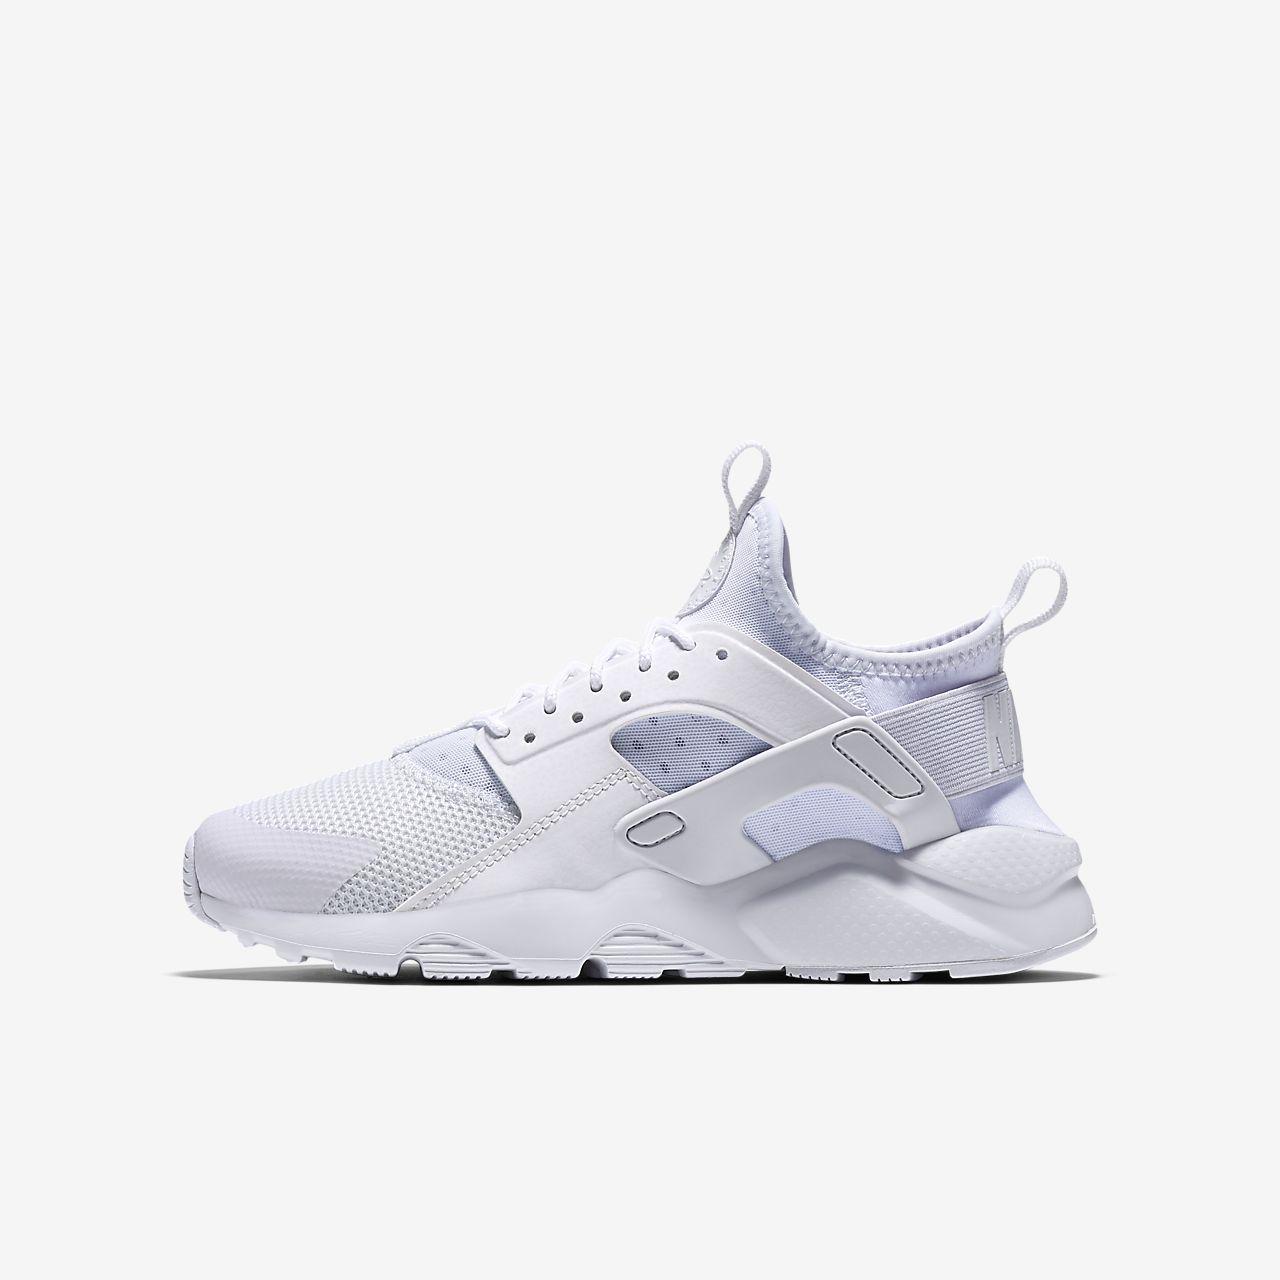 online retailer 46971 404cd ... Sko Nike Air Huarache Ultra för ungdom